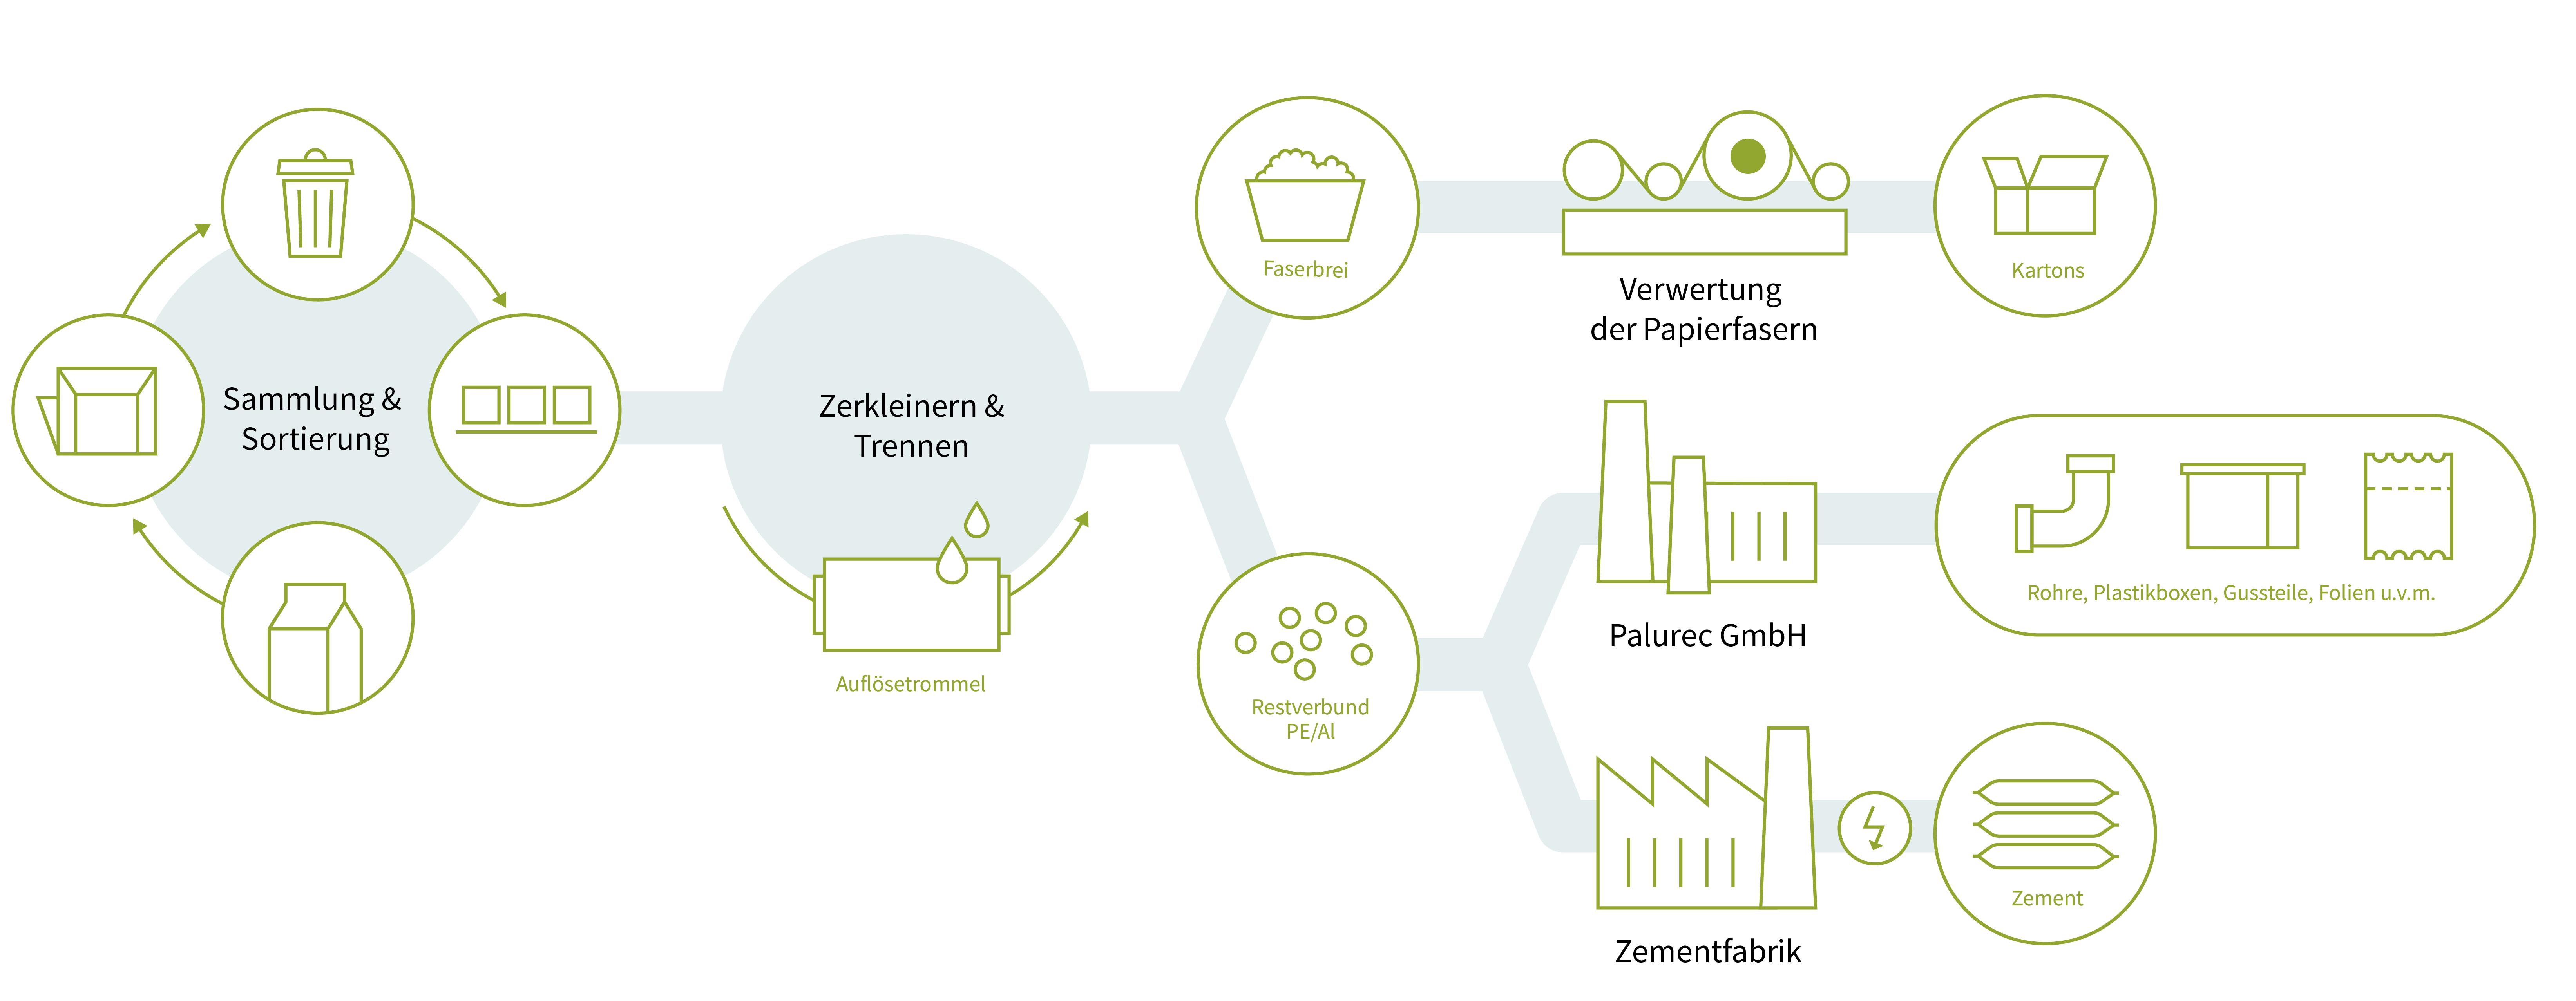 FKN Infografik Recycling Palurec